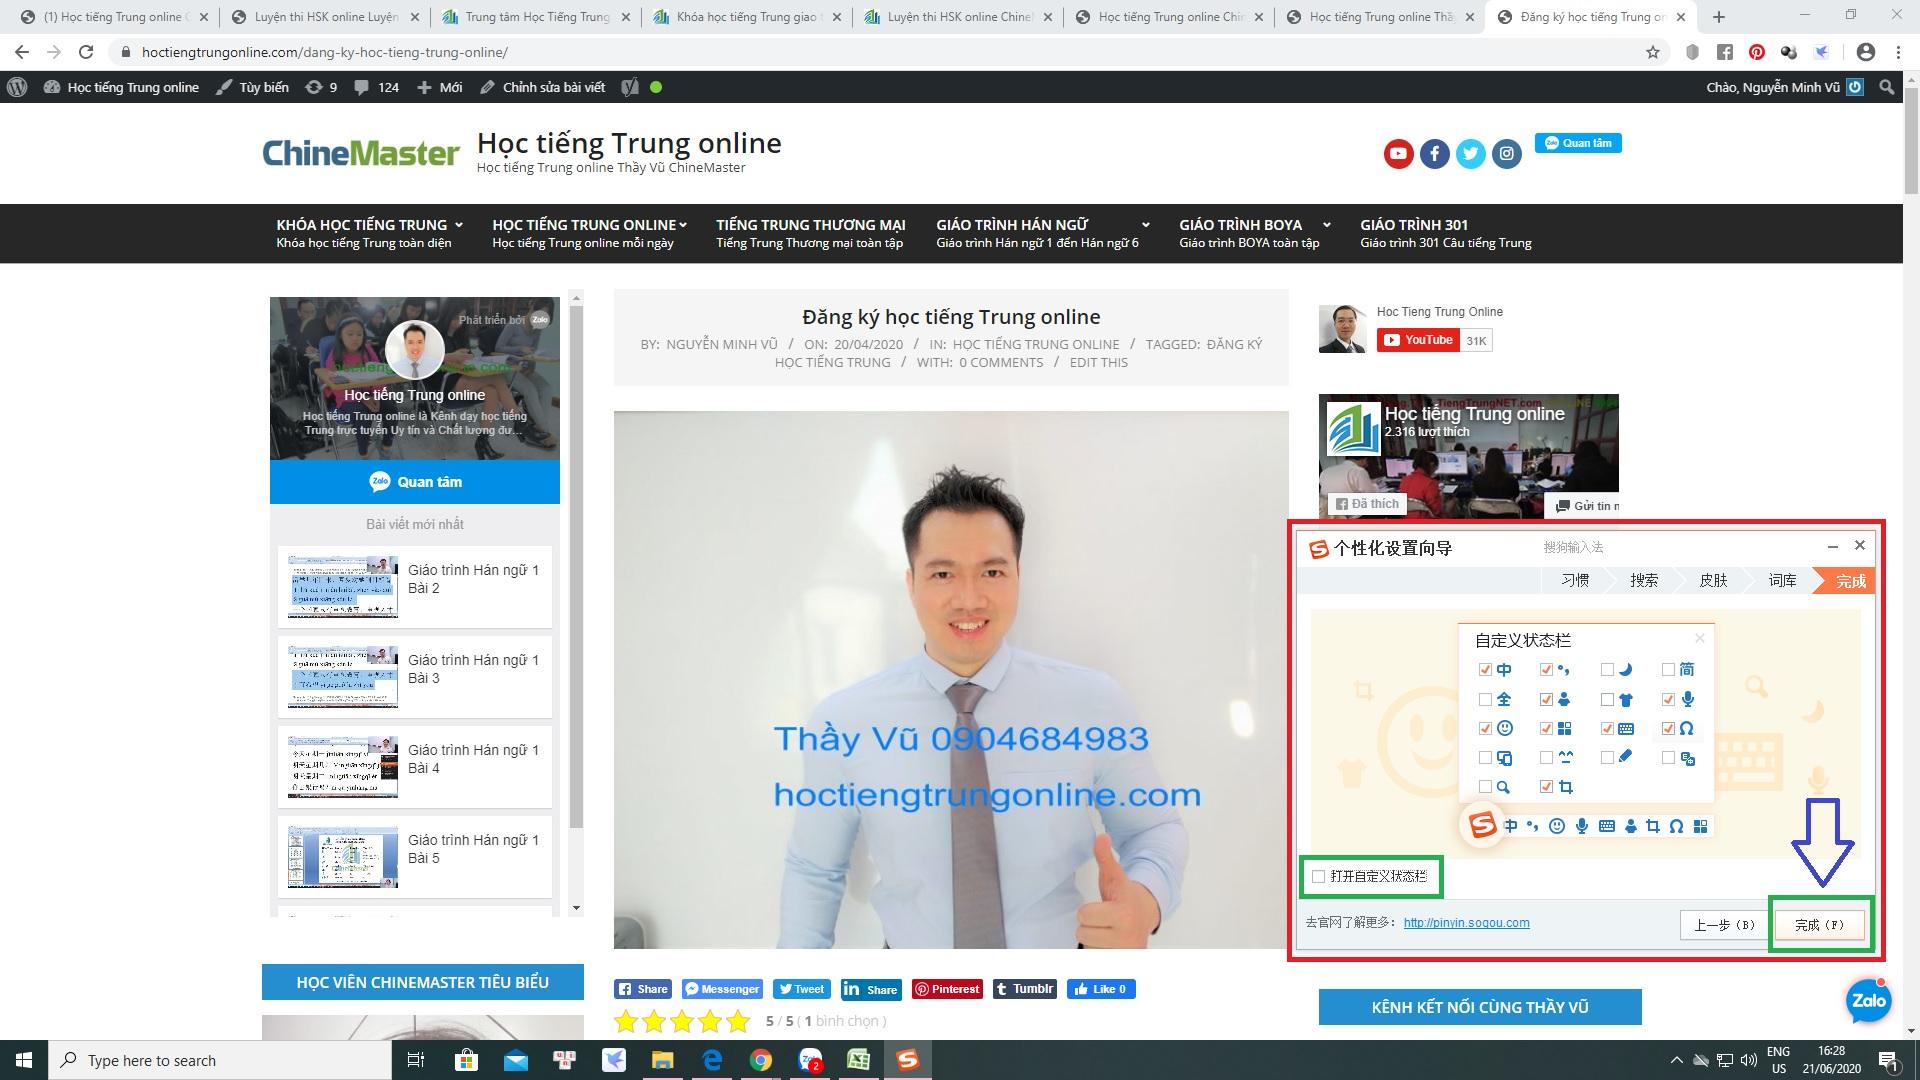 Cách sử dụng bộ gõ tiếng Hoa SoGou PinYin bộ gõ tiếng Trung được sử dụng nhiều nhất Việt Nam do Thạc sỹ Nguyễn Minh Vũ đề xuất giới thiệu